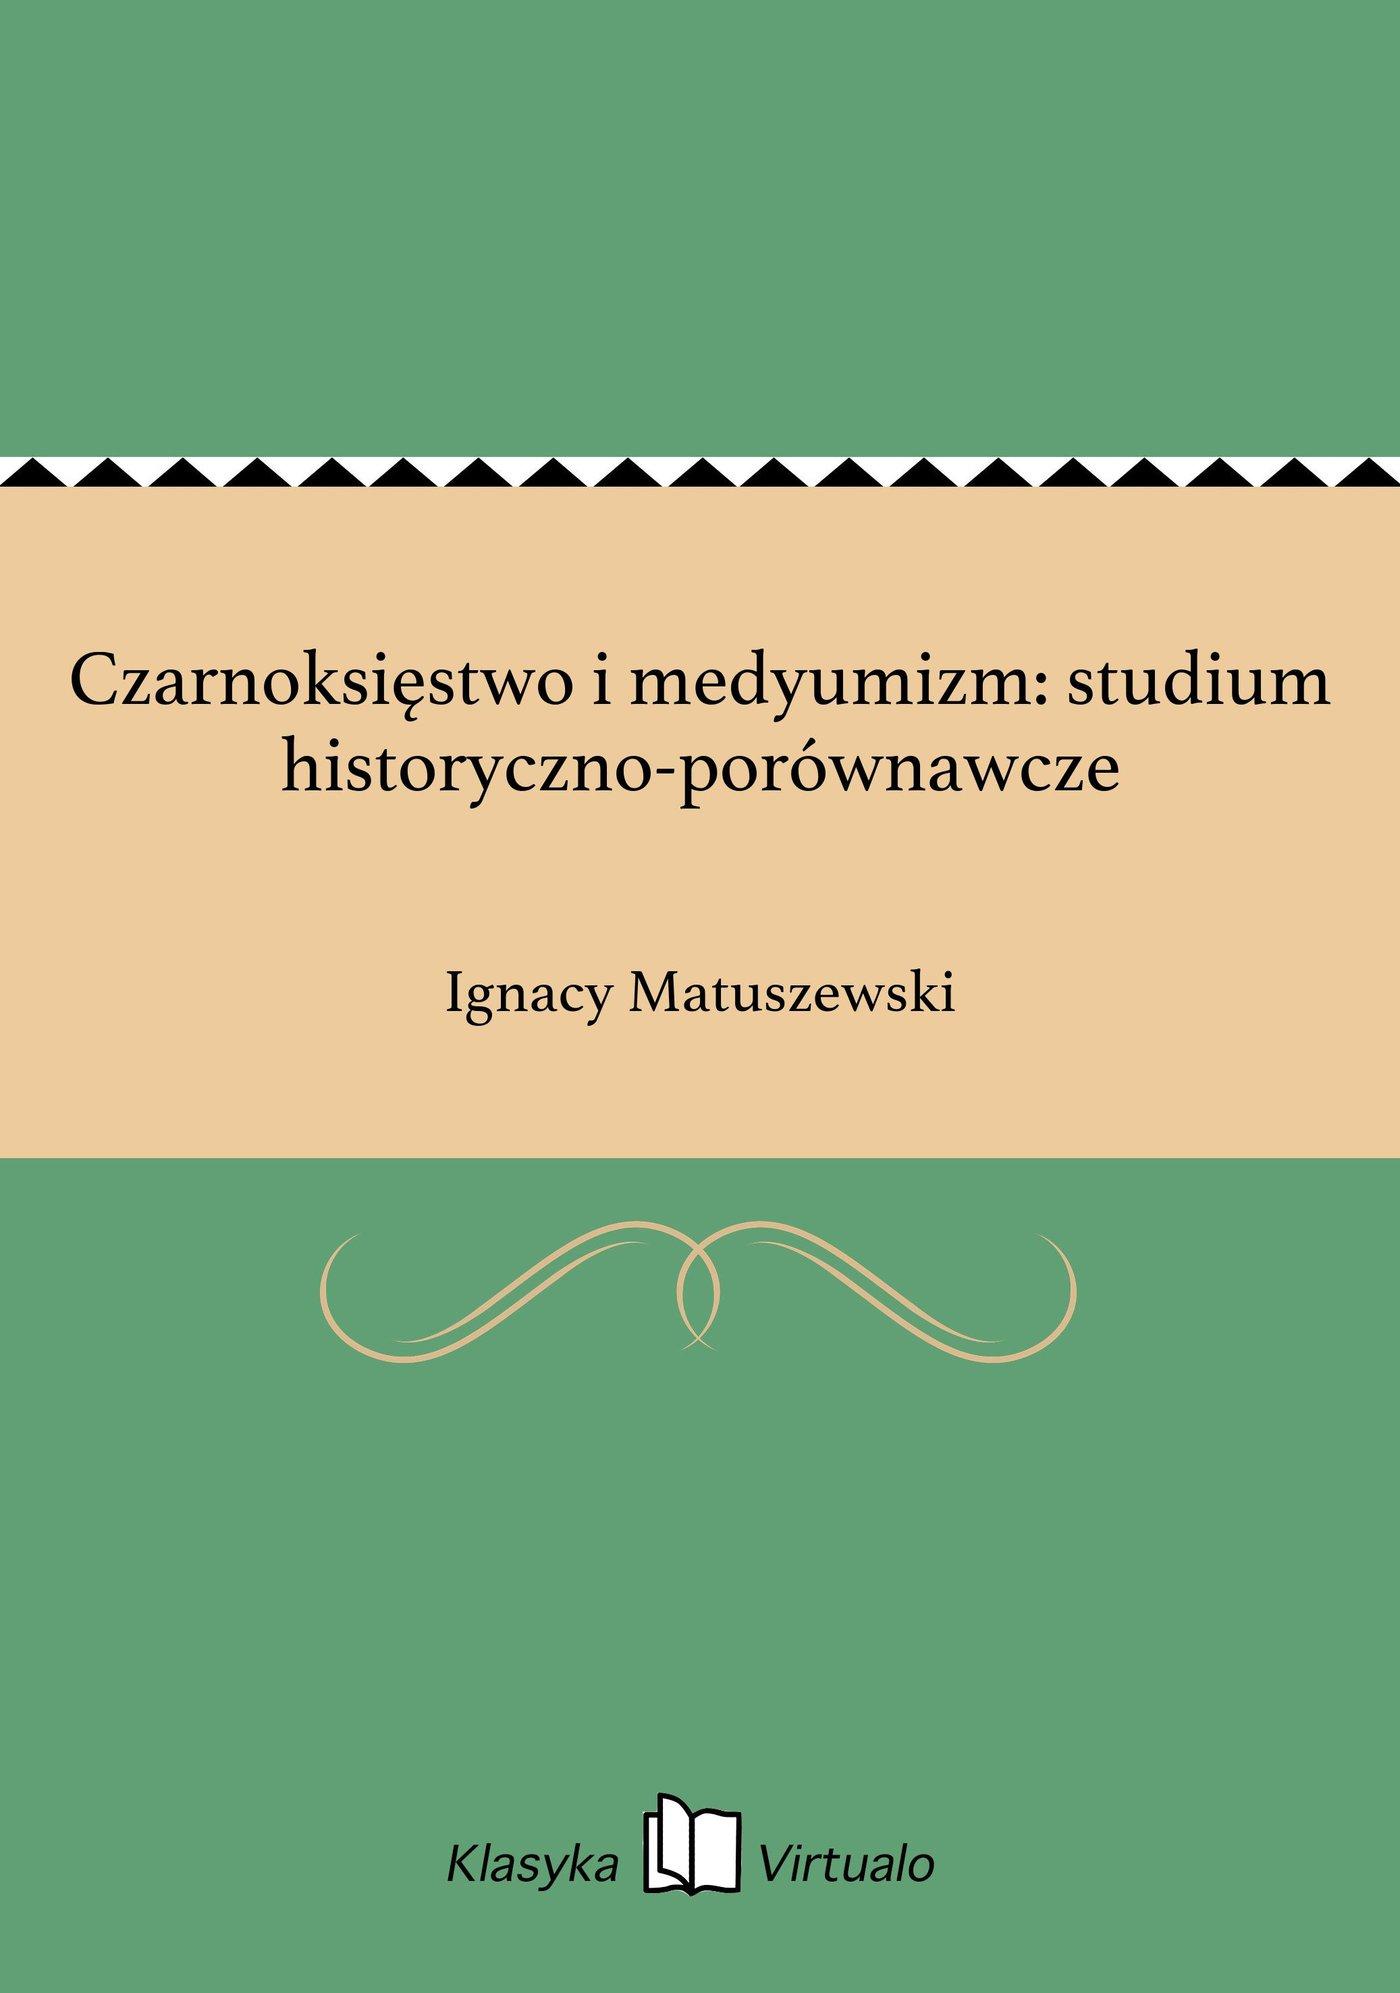 Czarnoksięstwo i medyumizm: studium historyczno-porównawcze - Ebook (Książka na Kindle) do pobrania w formacie MOBI